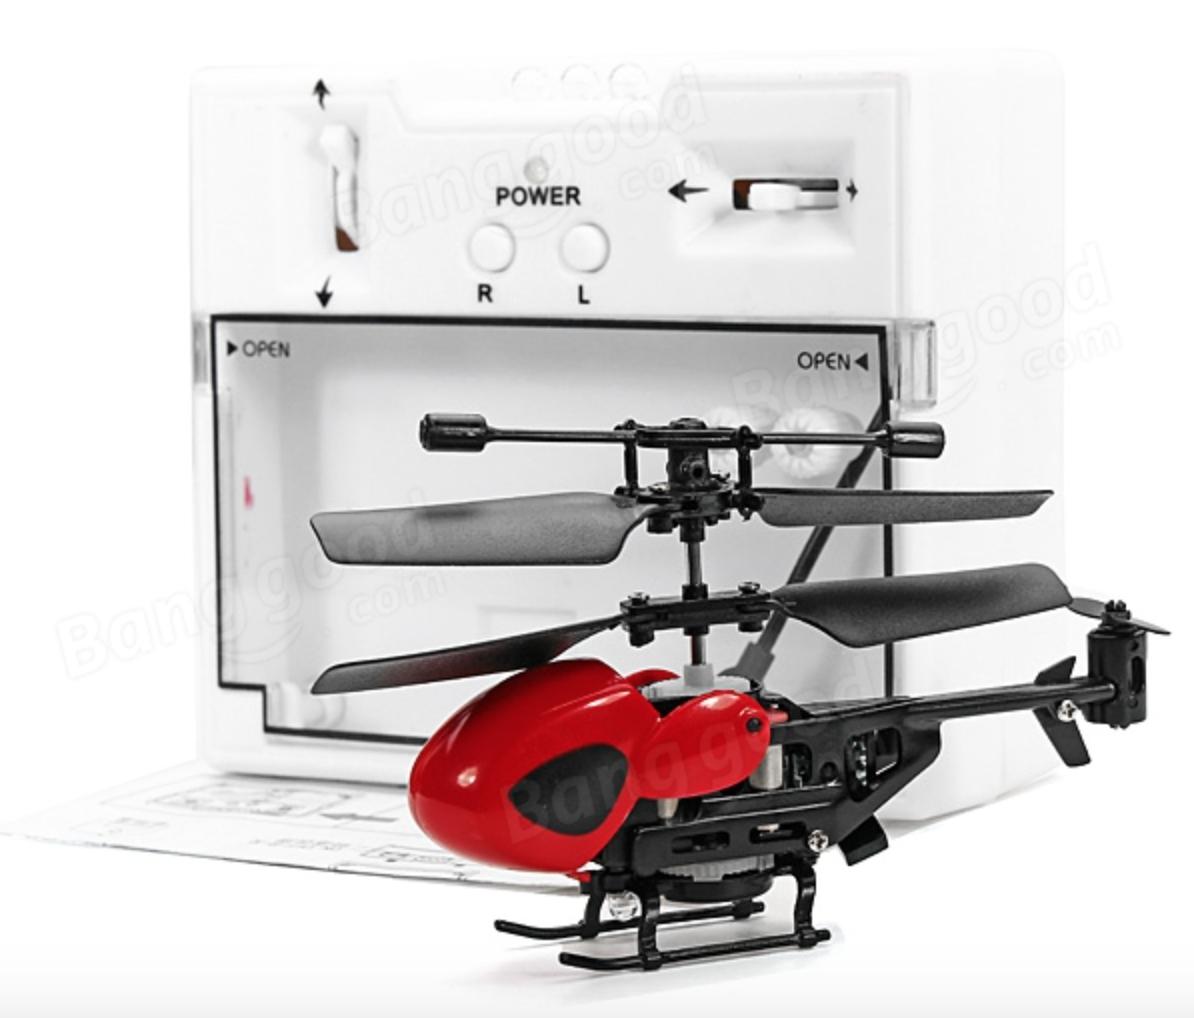 Banggood: Micro RC Helikopter um 4,92€ inkl Versand